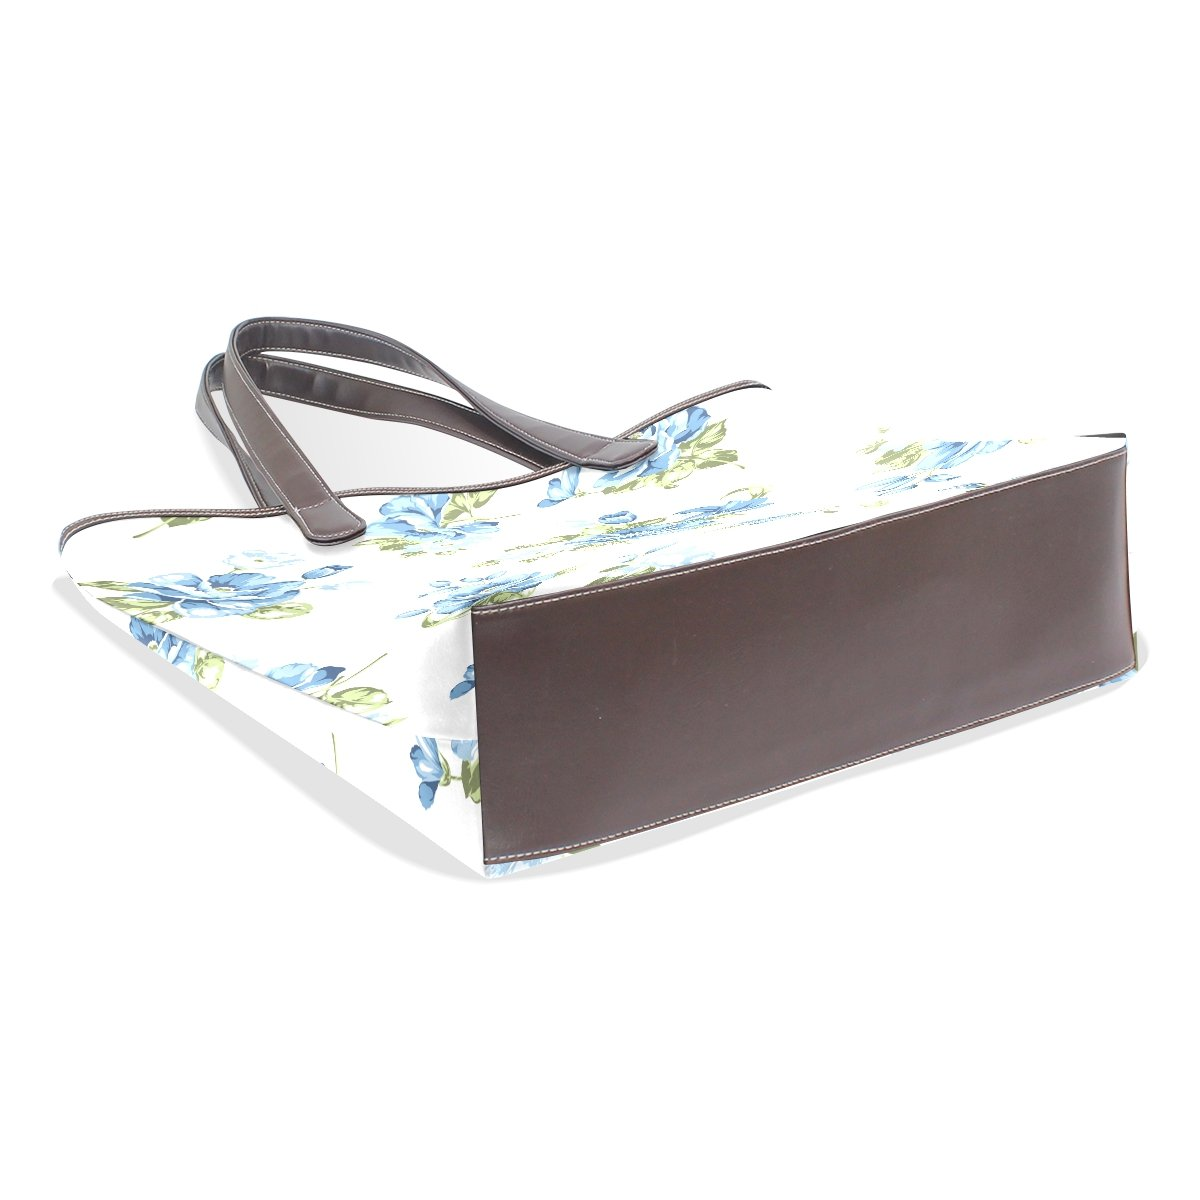 Ye Store Blue Floral Lady PU Leather Handbag Tote Bag Shoulder Bag Shopping Bag